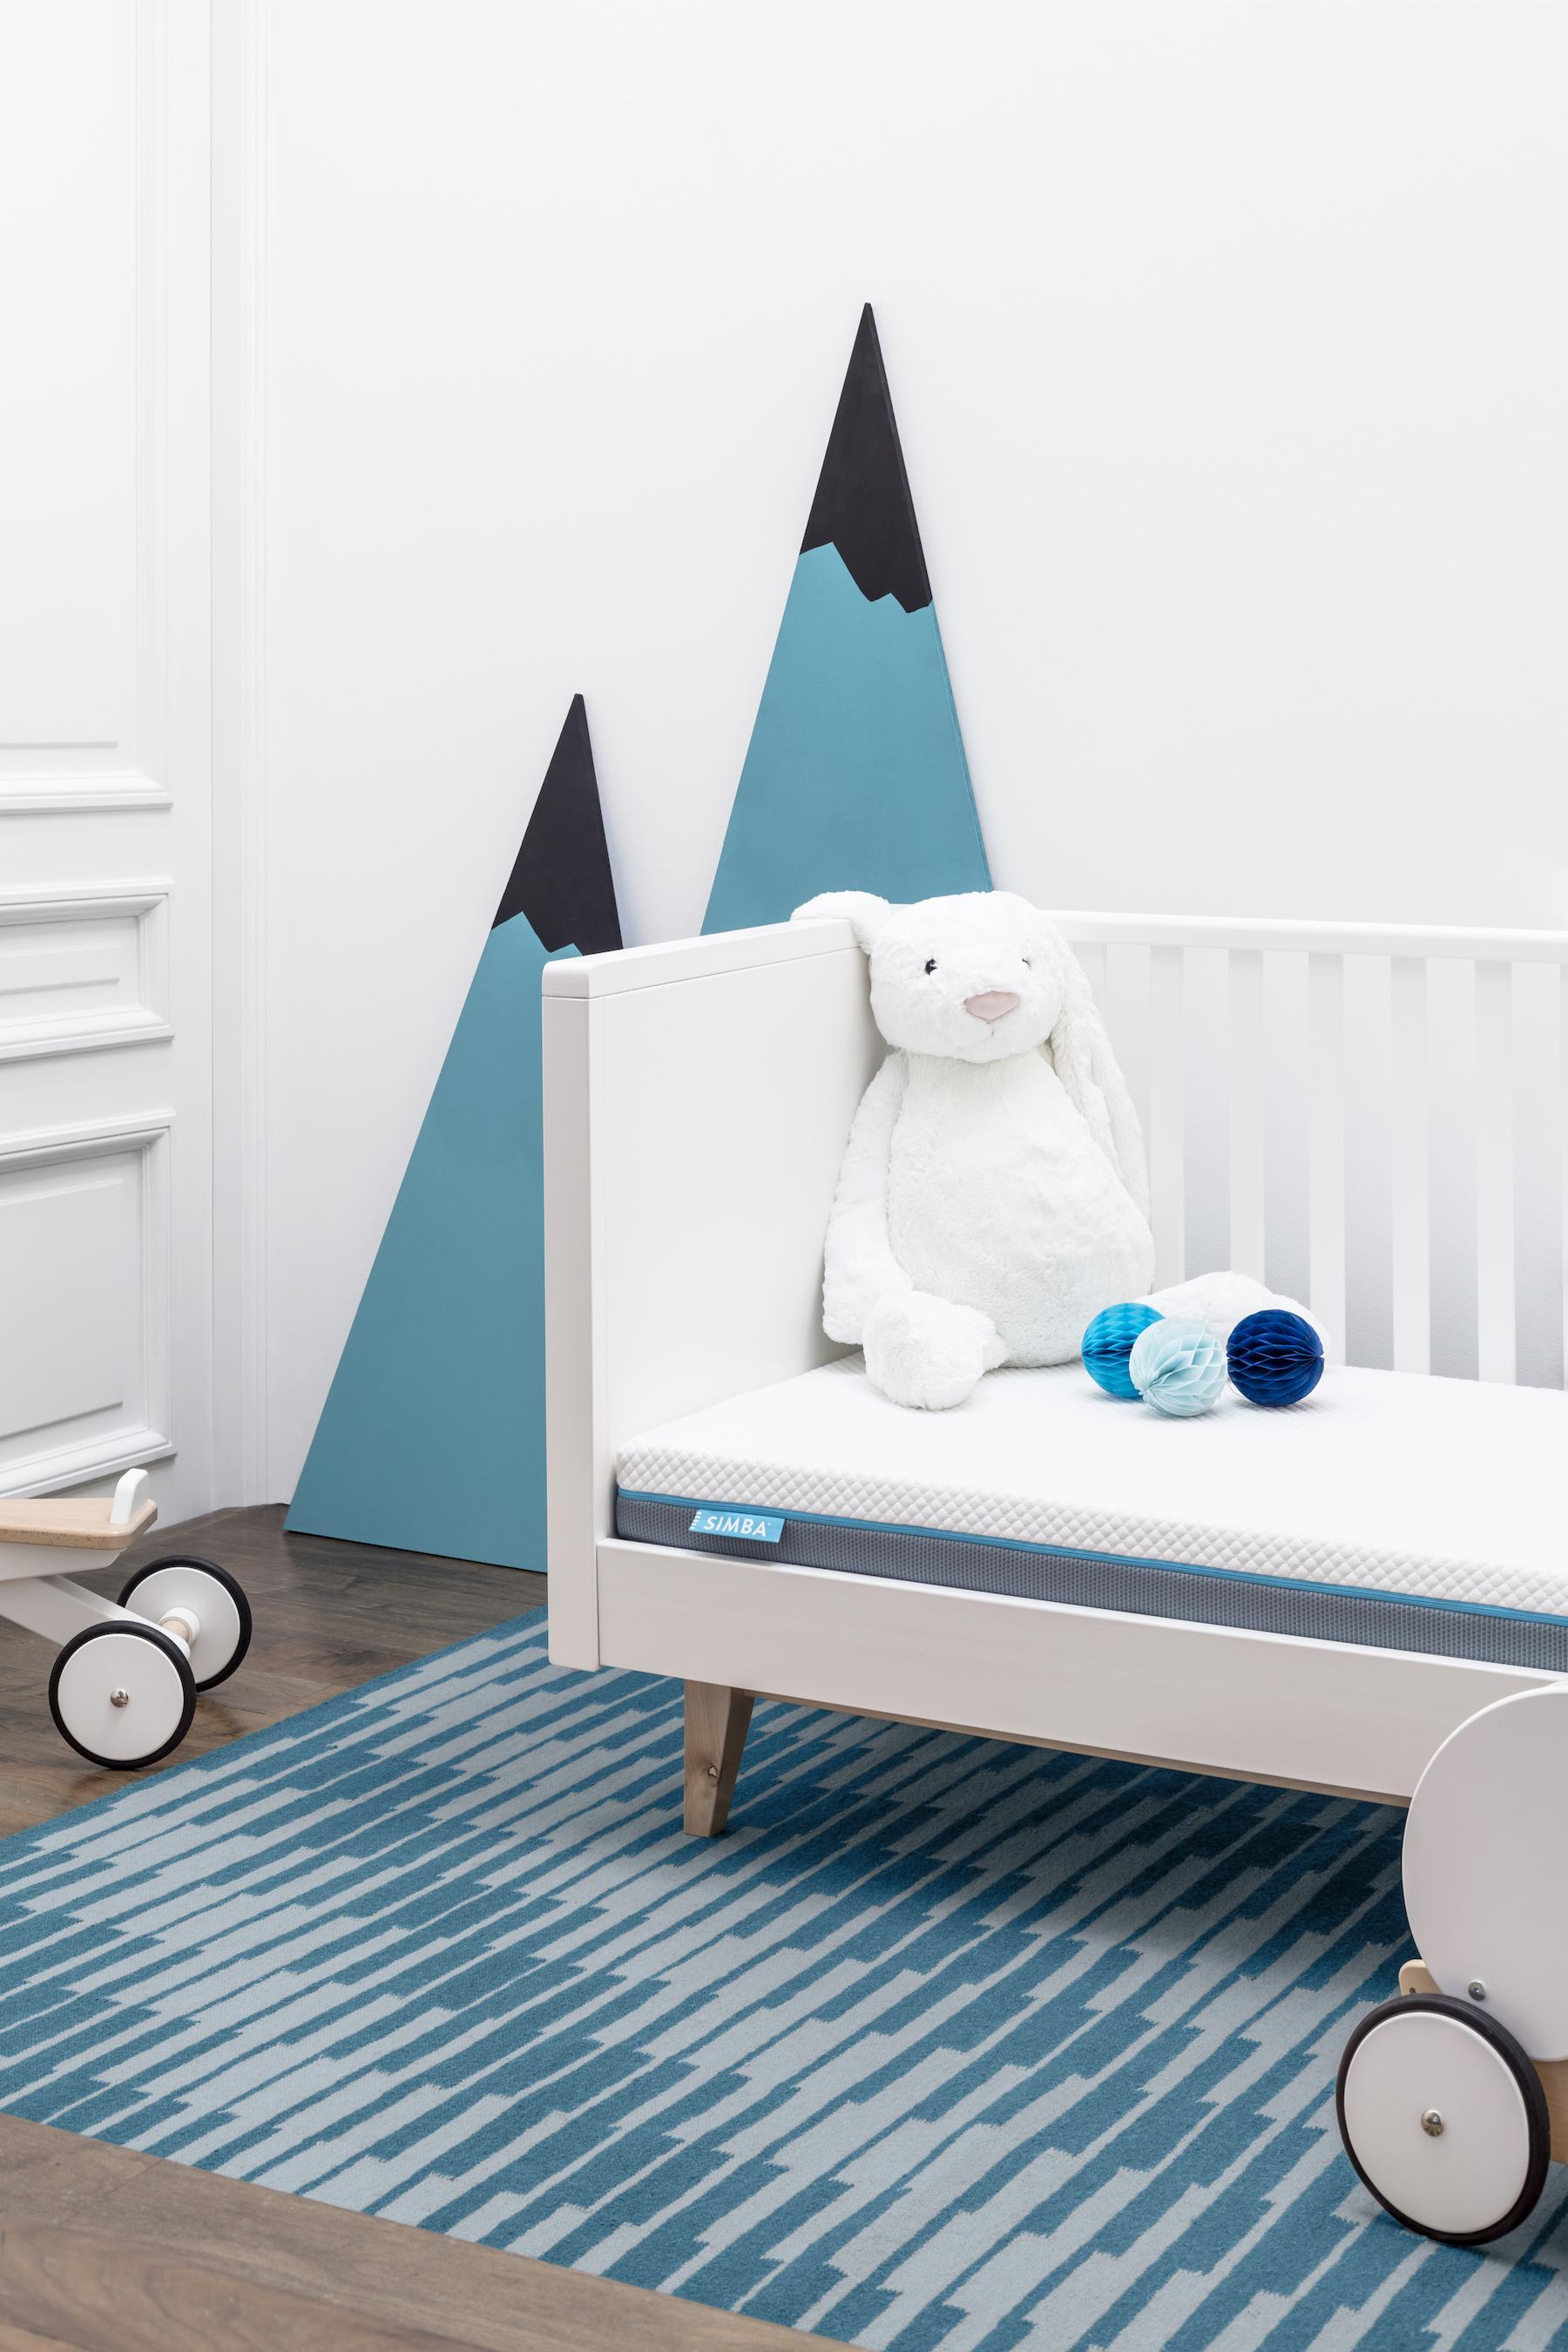 simba matelas un sommeil meilleur pour toute la famille cocon d co vie nomade. Black Bedroom Furniture Sets. Home Design Ideas